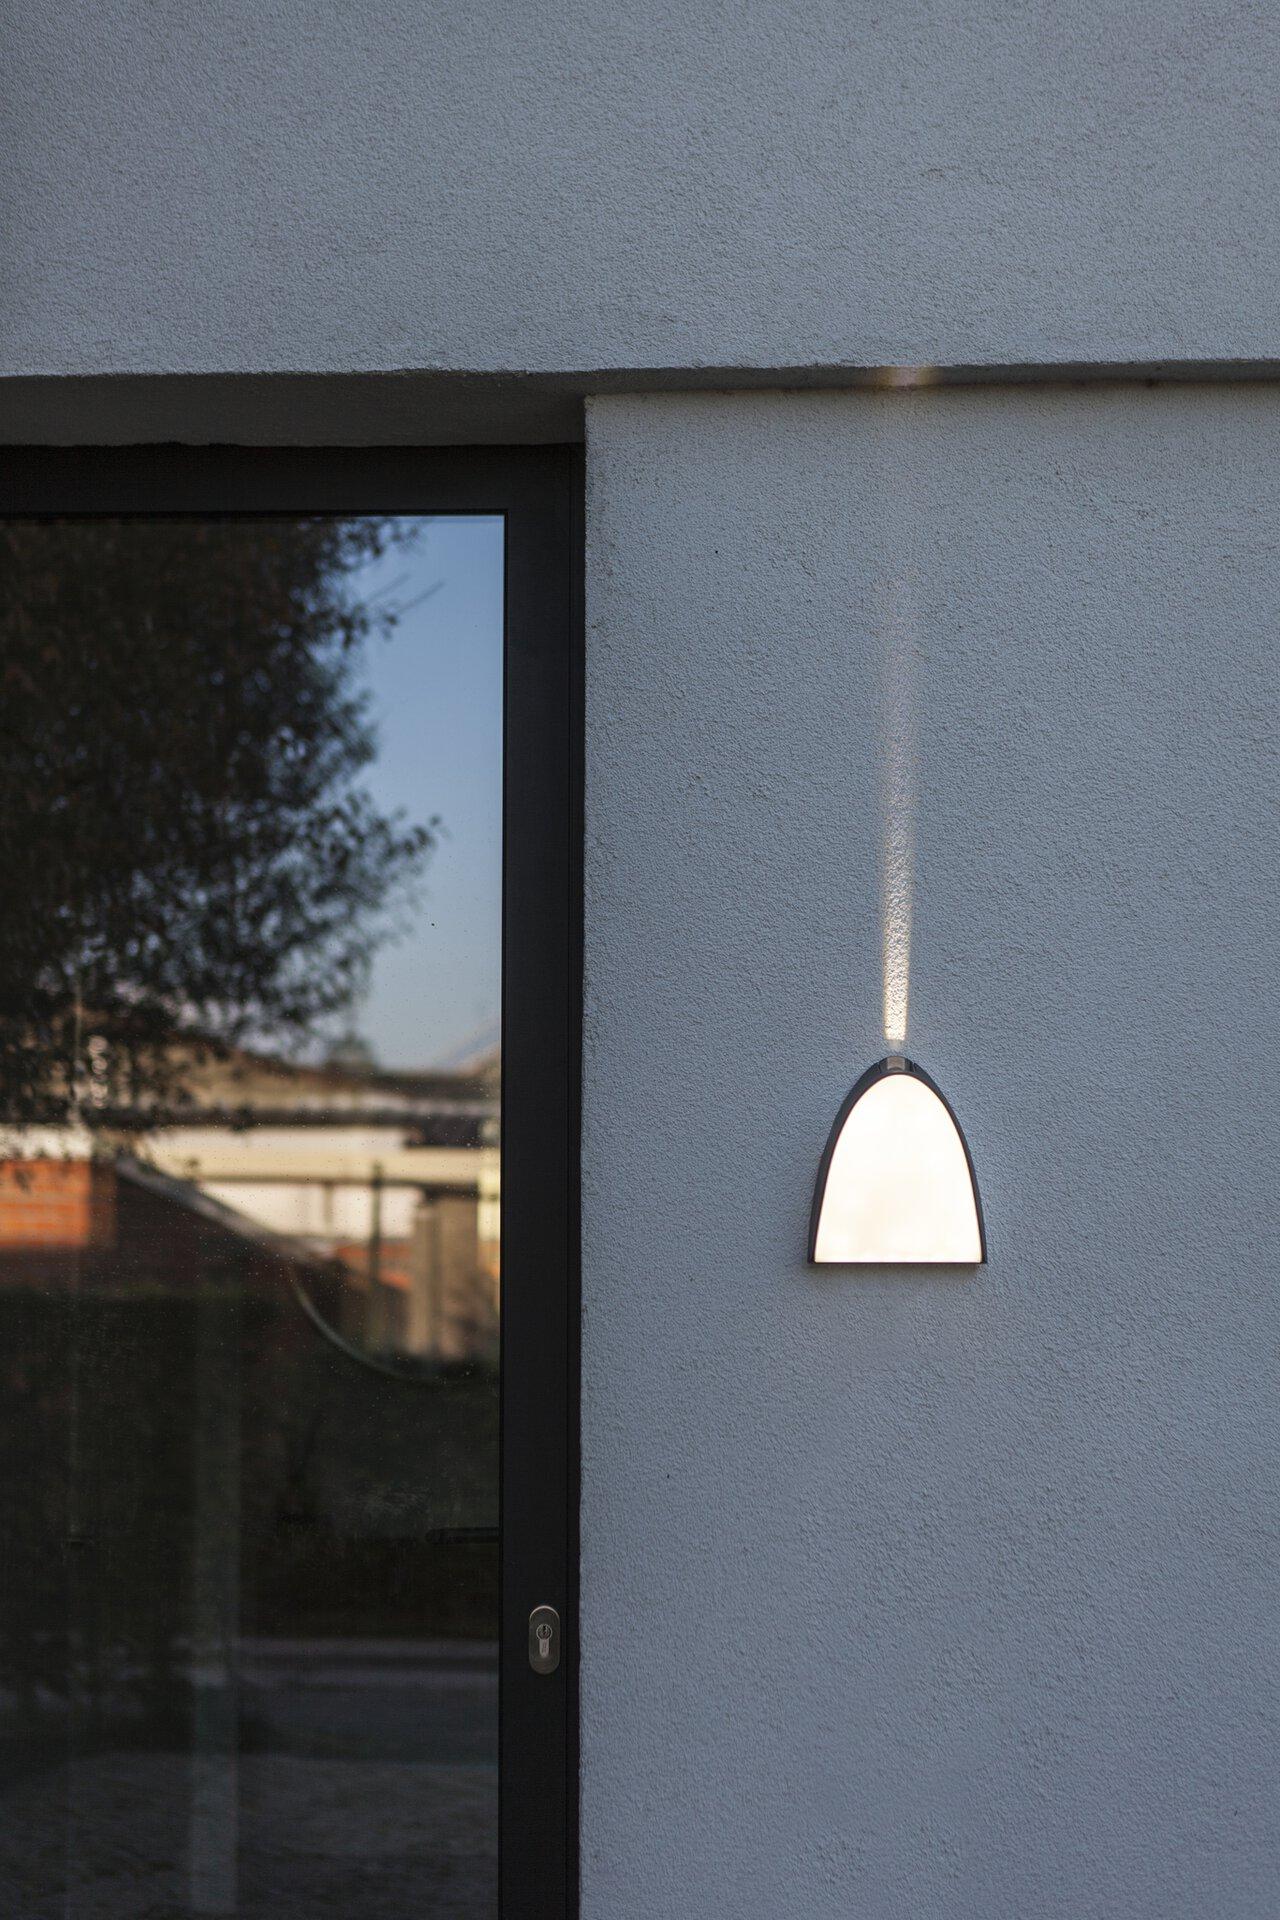 Wand-Aussenleuchte Apollo Eco-Light Metall 18 x 21 x 6 cm